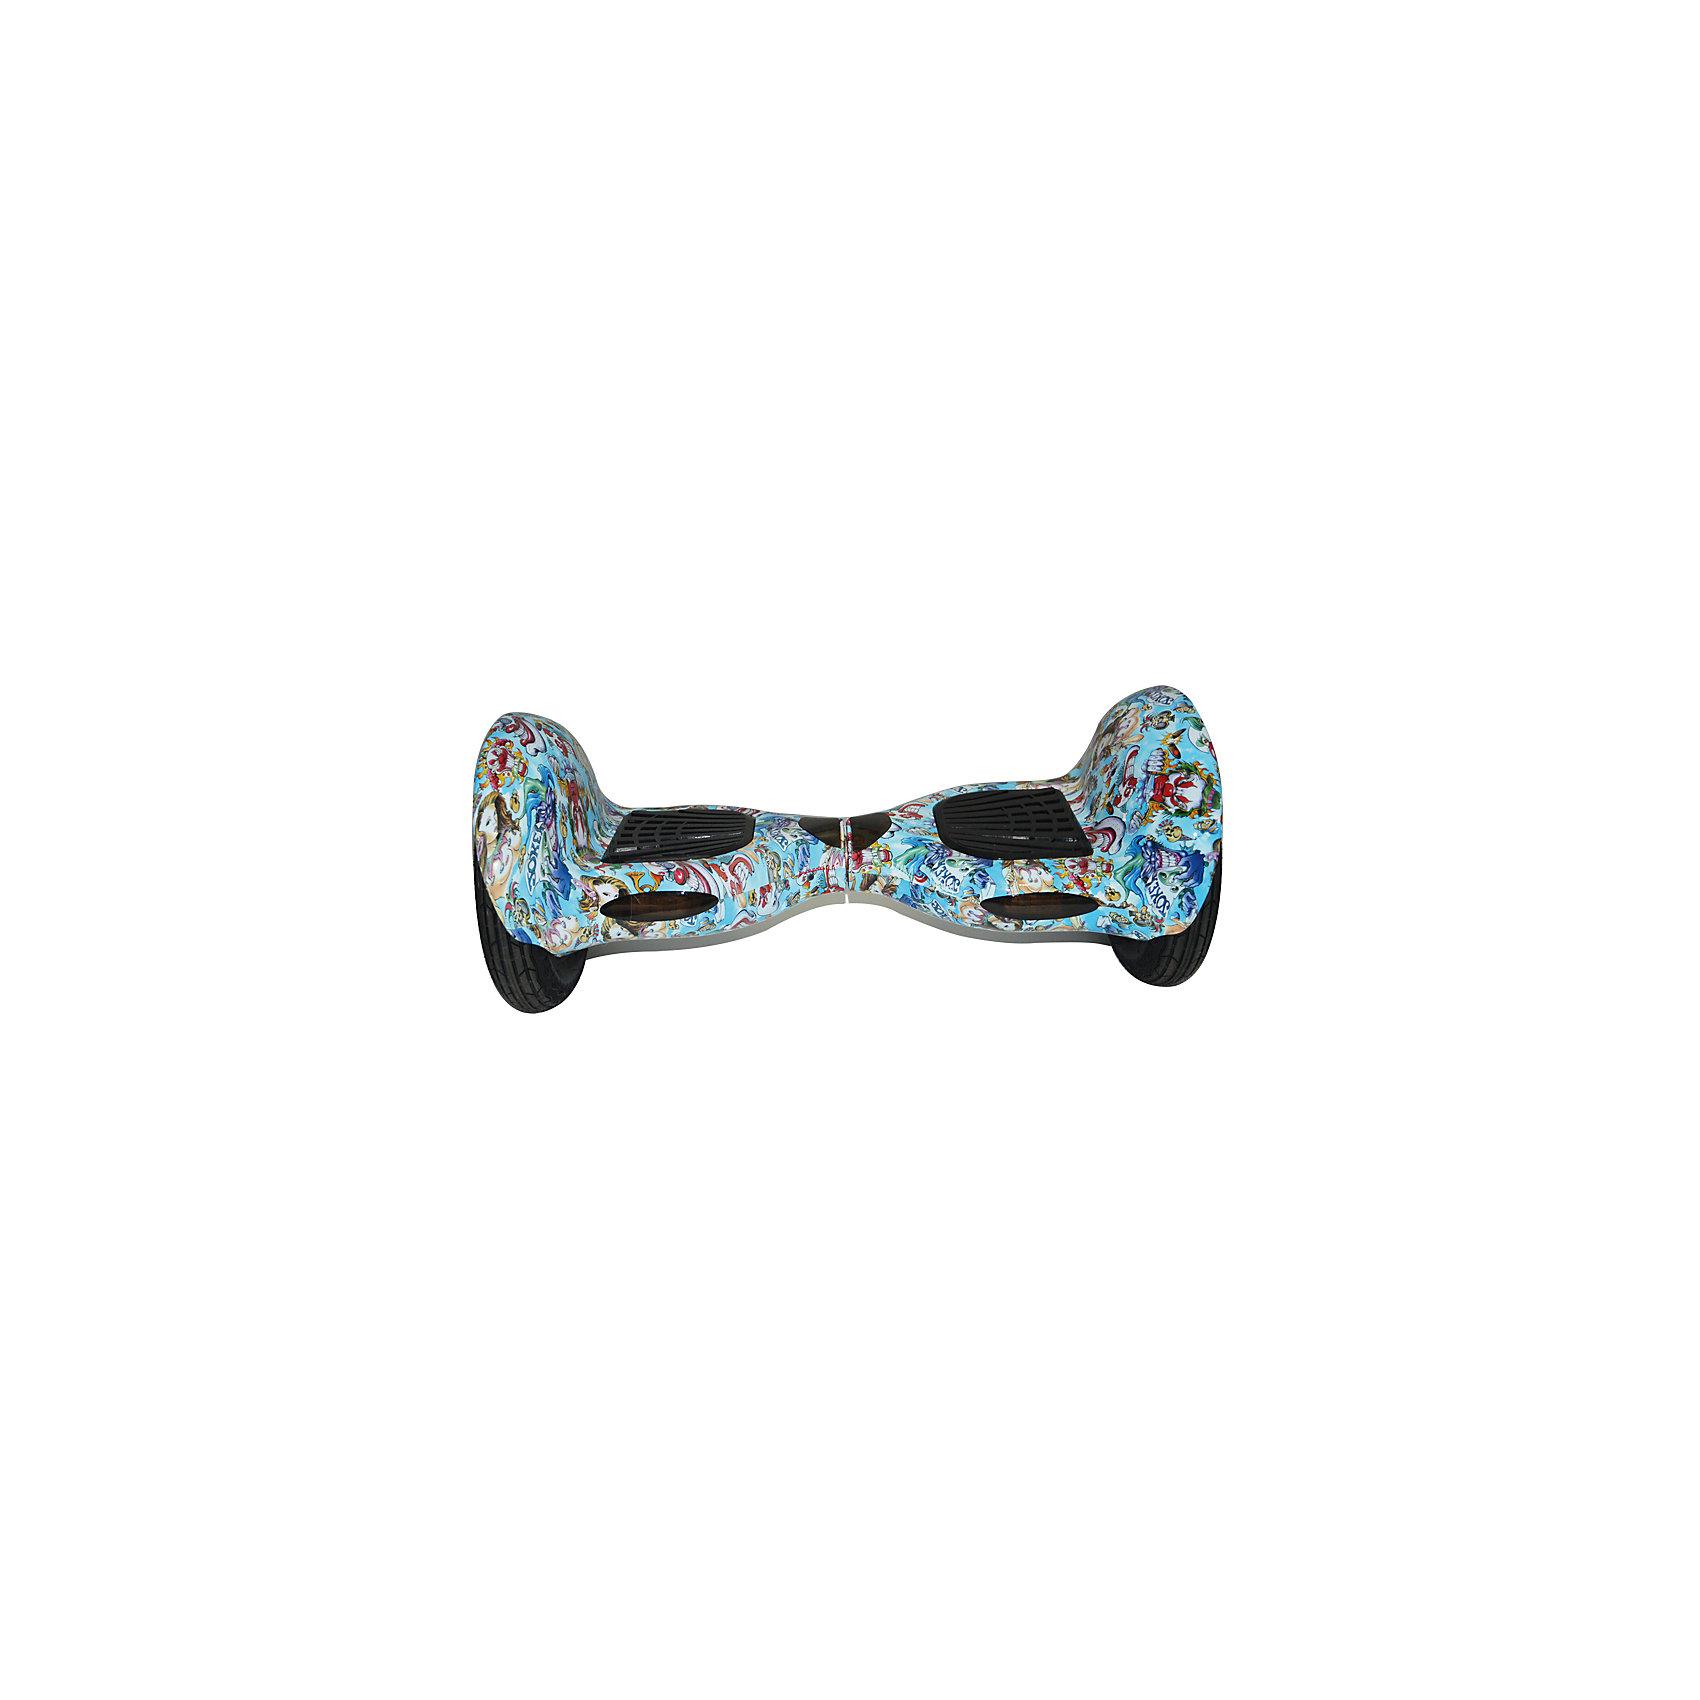 Гироскутер, комикс, WMOTIONГироскутеры<br>Характеристики товара:<br><br>• материал: металл<br>• размер: 66х27х27 см<br>• комплектация: гироскутер, зарядка, сумка, инструкция по эксплуатации, гарантийный талон, коробка<br>• цвет: разноцветный<br>• диаметр колёс: 10 дюймов<br>• максимальная нагрузка: 125 кг<br>• максимальная скорость – 12 км/ч <br>• максимальное расстояние, которое можно проехать на одном заряде: до 25 км <br>• мощность электродвигателя: 350 Вт<br>• ёмкость аккумулятора: 4 400 мАч<br>• время, необходимое для полной зарядки аккумулятора: до 1,5 ч<br>• встроенная колонка<br>• вес: 15 кг<br>• страна производитель: Китай<br>• страна бренда: Китай<br><br>Один из самых модных на настоящий моментов вид передвижения - это гироскутер. Он эффектно выглядит, позволяет ехать со скоростью выше, чем у пешеходов, но при этом достаточно безопасной для владельца. Управлять таким средством передвижения достаточно просто: нужно всего лишь переносить вес тела в определенное направление.<br><br>Такой гироскутер достаточно быстро заряжается, он не много весит. Модель уже пользуется популярностью в западных странах. Она действительно стильно выглядит, особенно в темноте с подсветкой, и позволяет выполнять эффектные трюки! Эта модель также имеет встроенные колонки, с помощью которых можно слушать музыку.<br><br>Гироскутер, комикс, от популярного бренда WMOTION можно купить в нашем интернет-магазине.<br><br>Ширина мм: 270<br>Глубина мм: 270<br>Высота мм: 660<br>Вес г: 12000<br>Возраст от месяцев: 60<br>Возраст до месяцев: 192<br>Пол: Унисекс<br>Возраст: Детский<br>SKU: 5482394